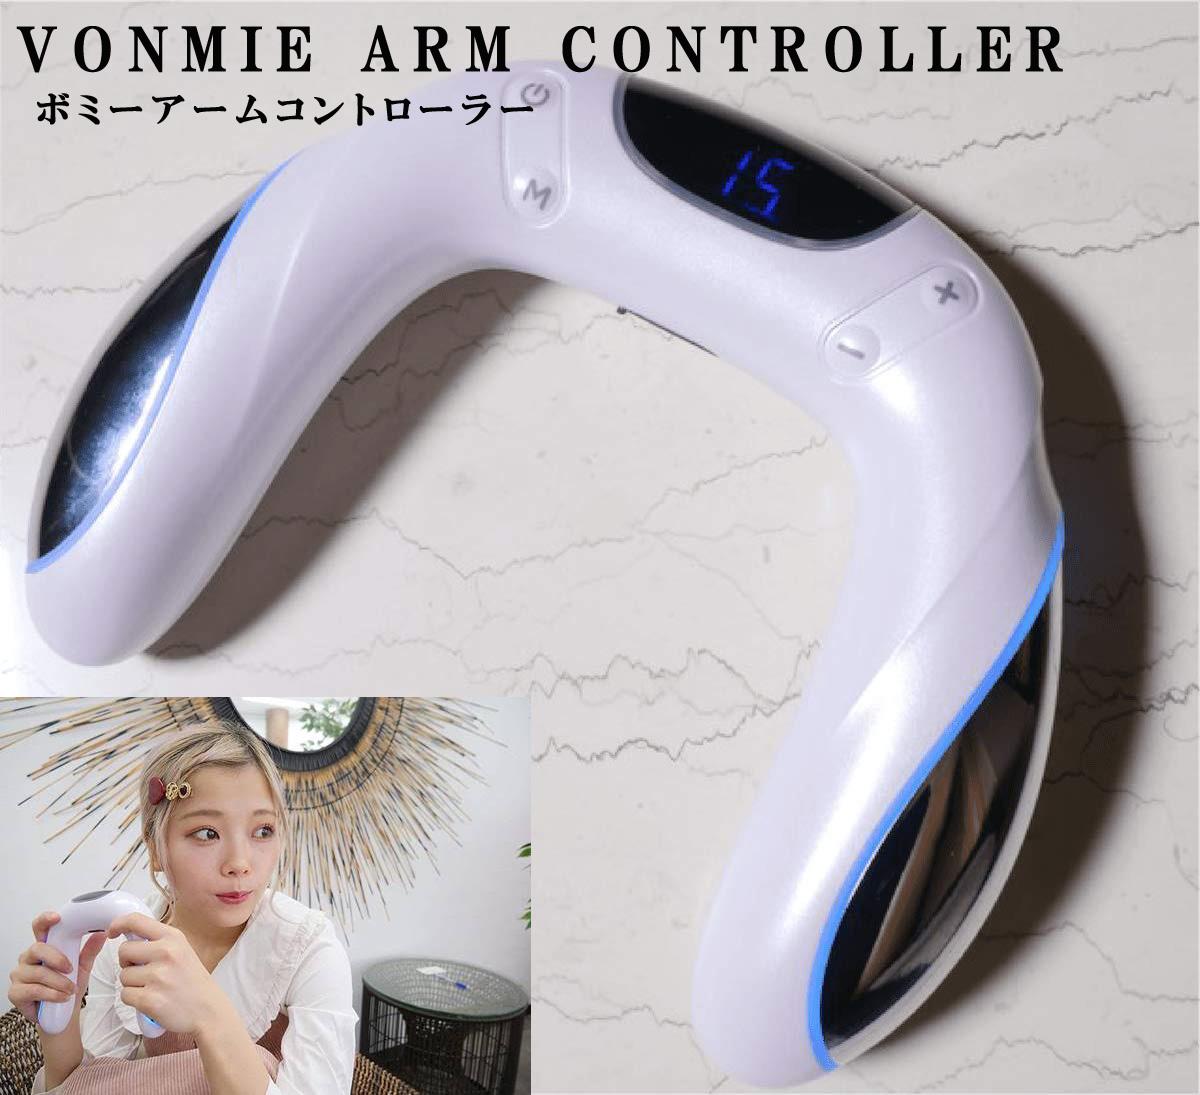 寝ながら二の腕トレーニング [ ボミーアームコントローラー ] EMS パッド 筋トレ 充電式 腕 二の腕 VONMIE アーム ダイエット バスト おまけ付き